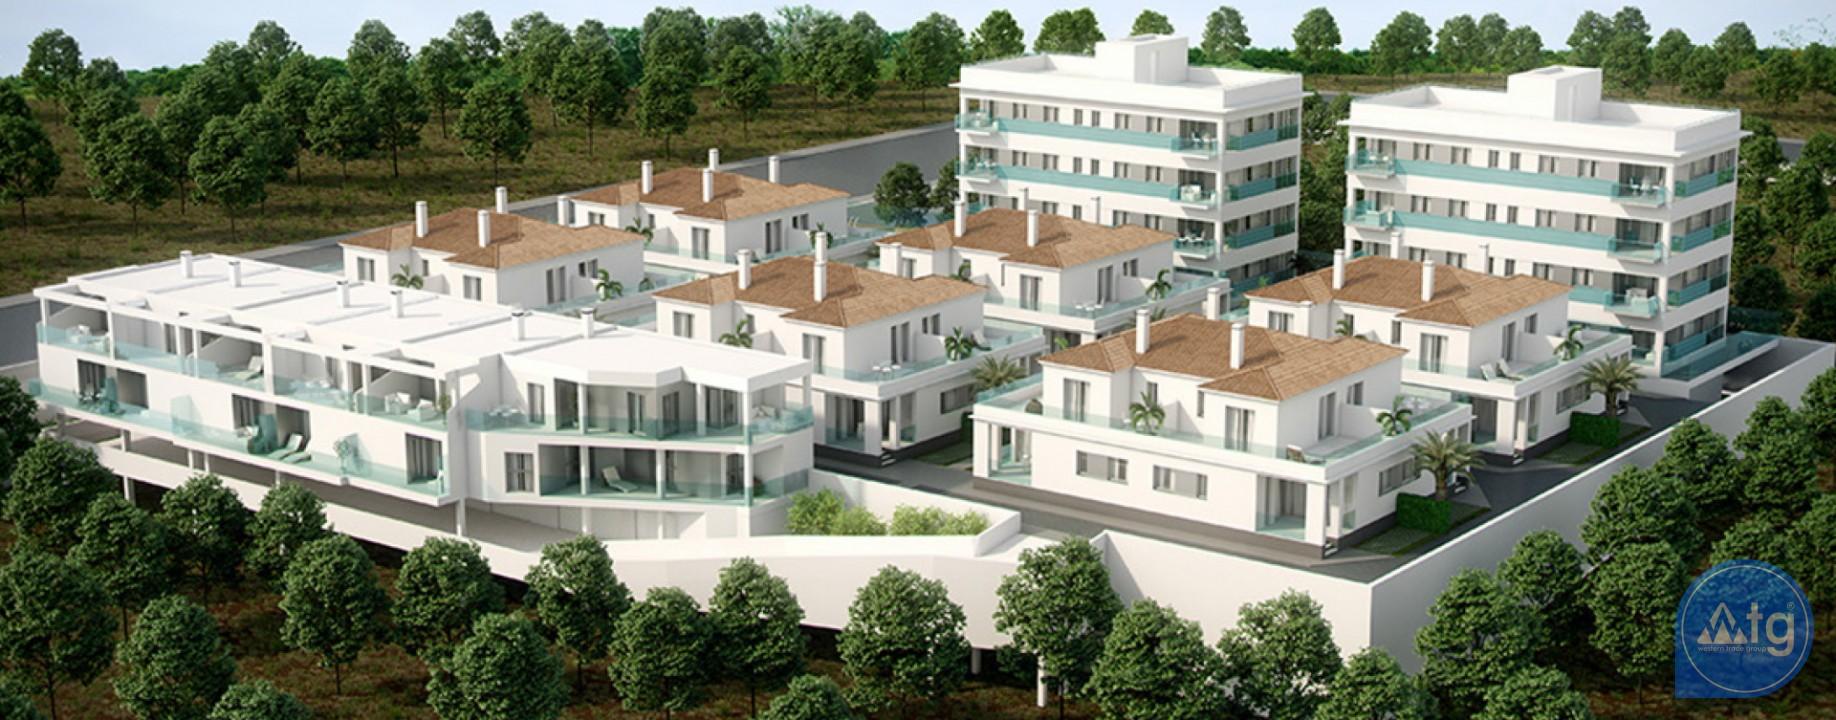 Apartamentos acogedores en Villamartin, Espana - OI114570 - 42